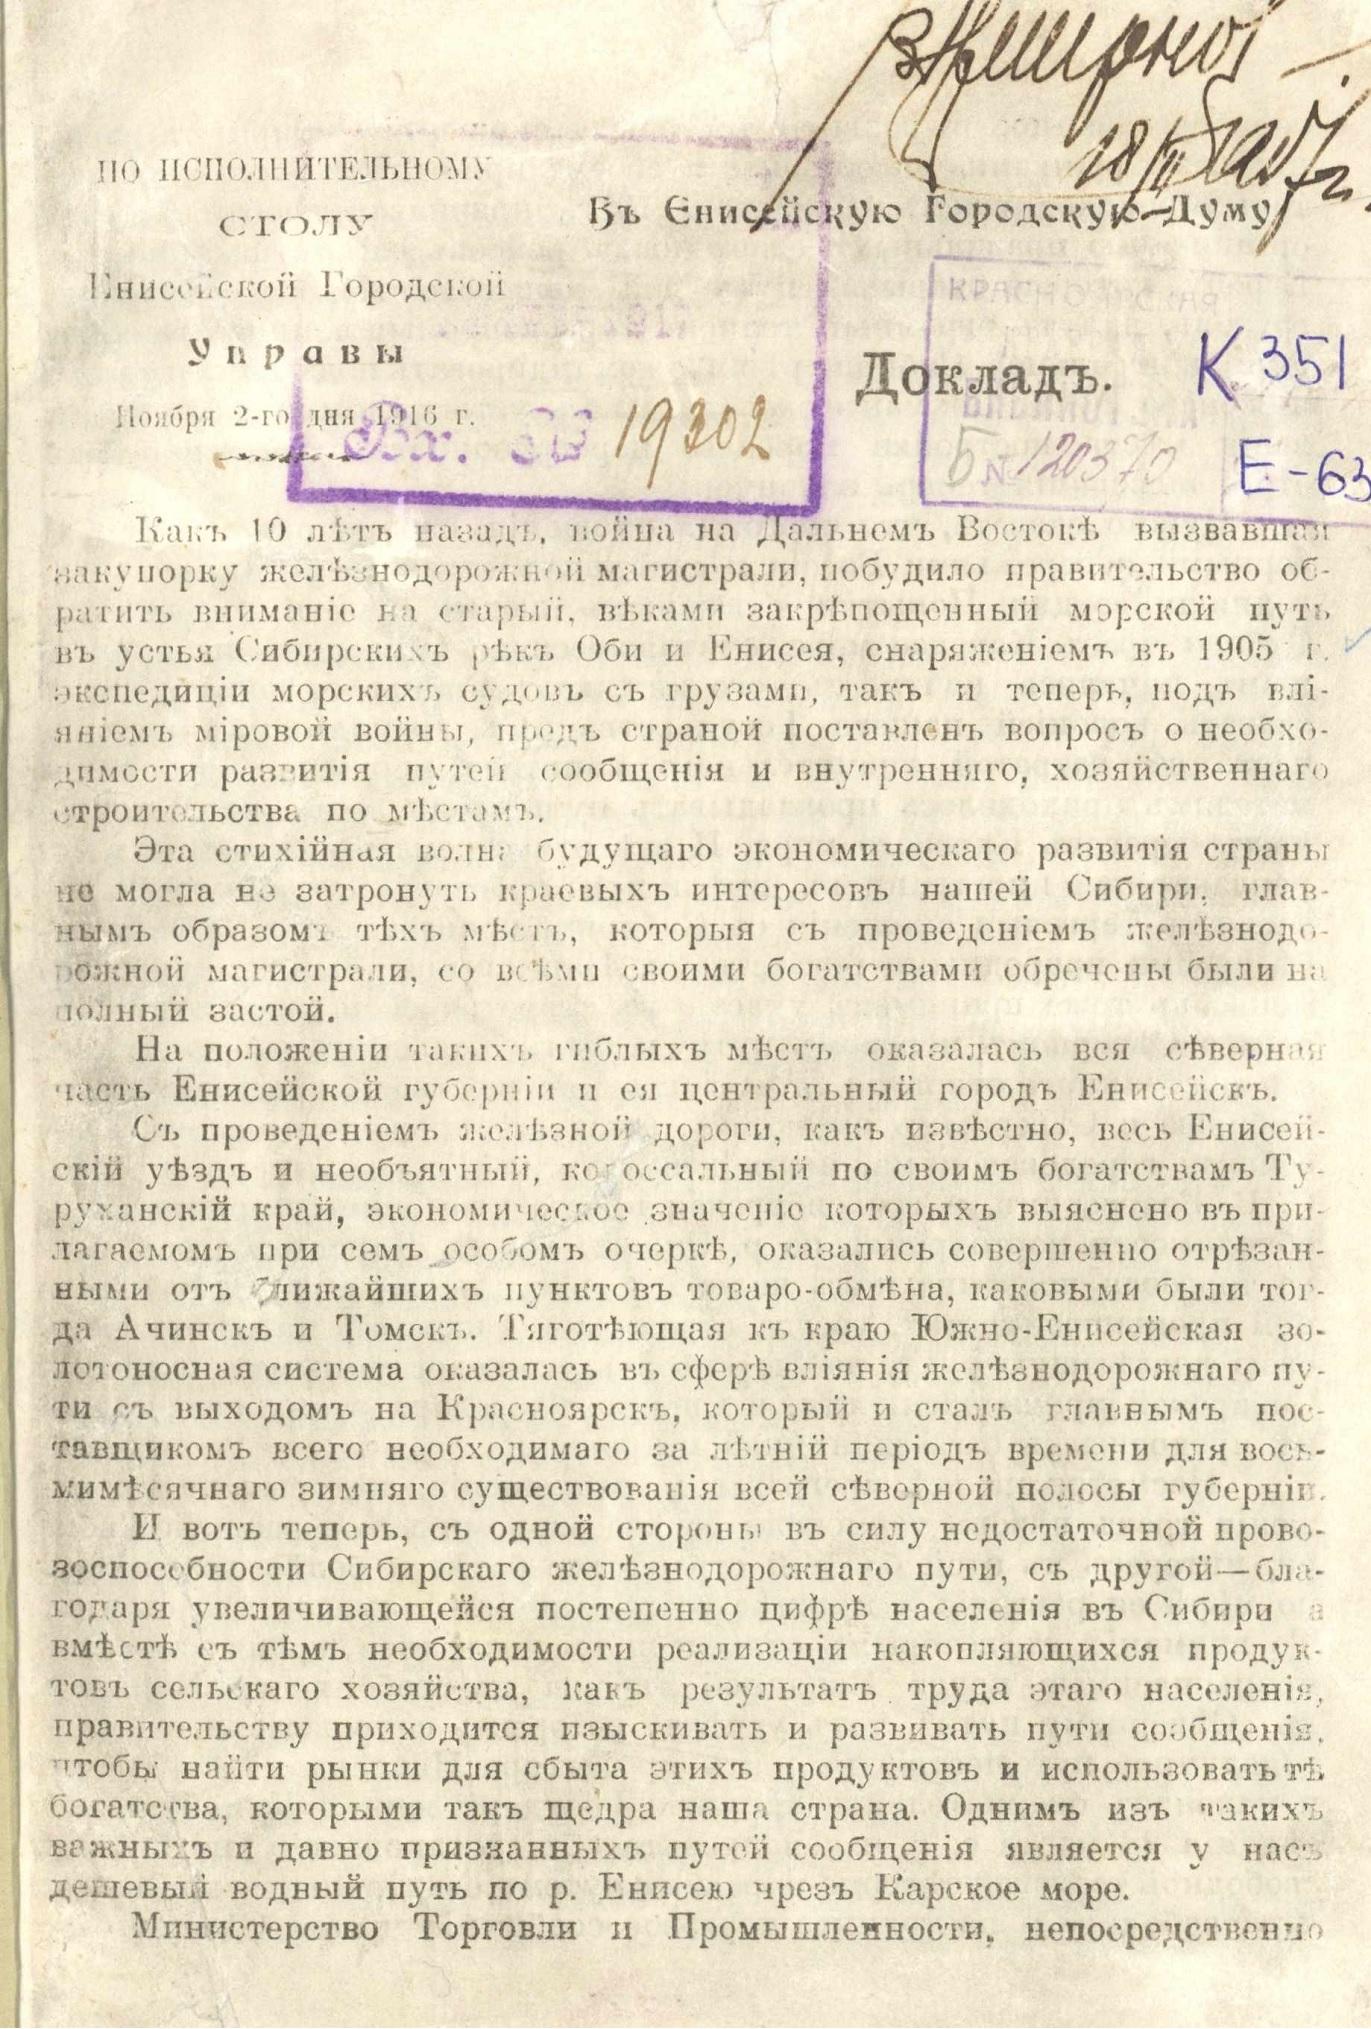 дарданелльская операция 1915